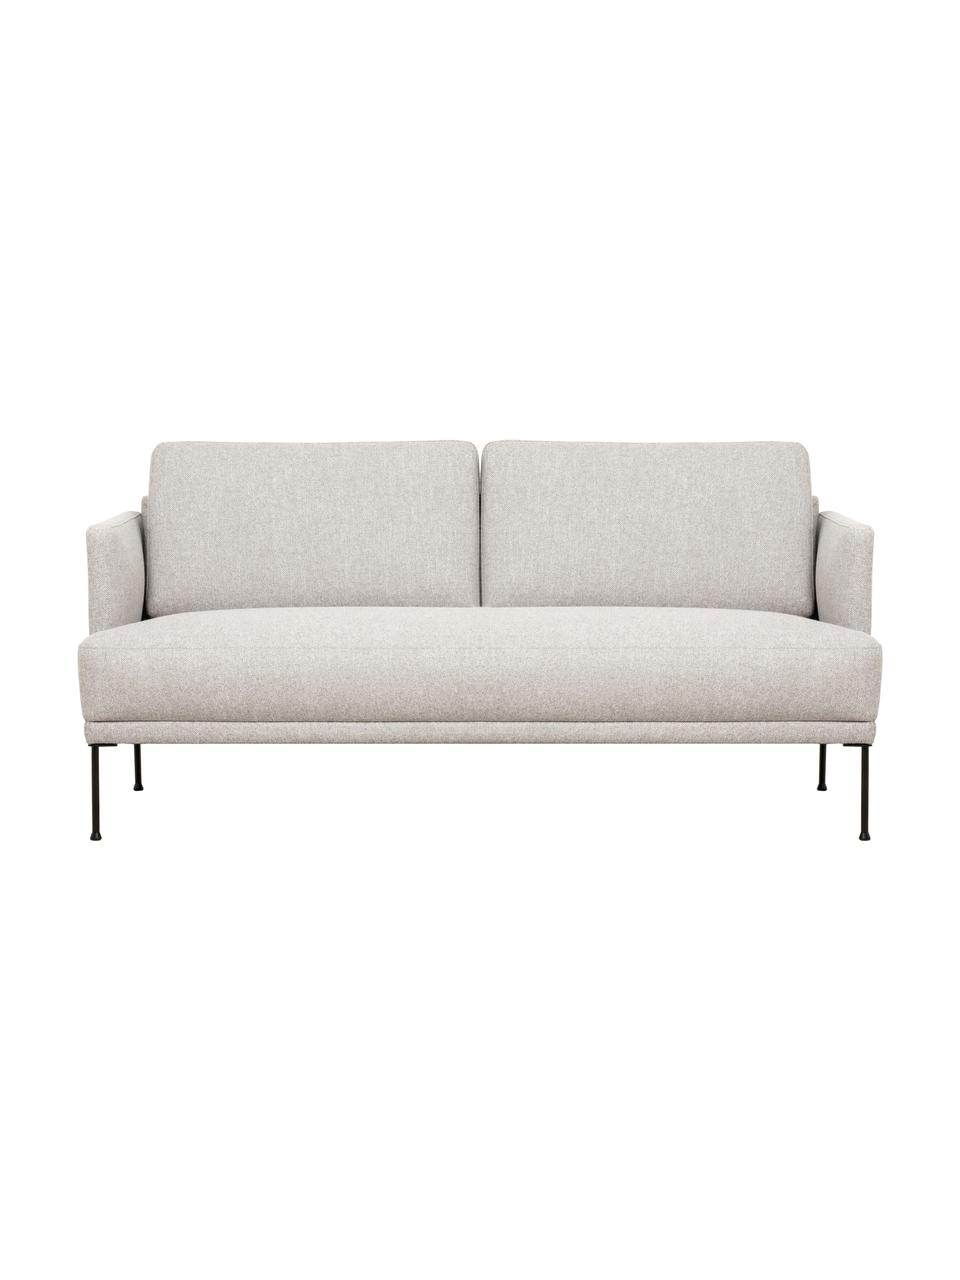 Sofa z metalowymi nogami Fluente (2-osobowa), Tapicerka: 80% poliester, 20% ramia , Nogi: metal malowany proszkowo, Beżowy, S 166 x G 85 cm